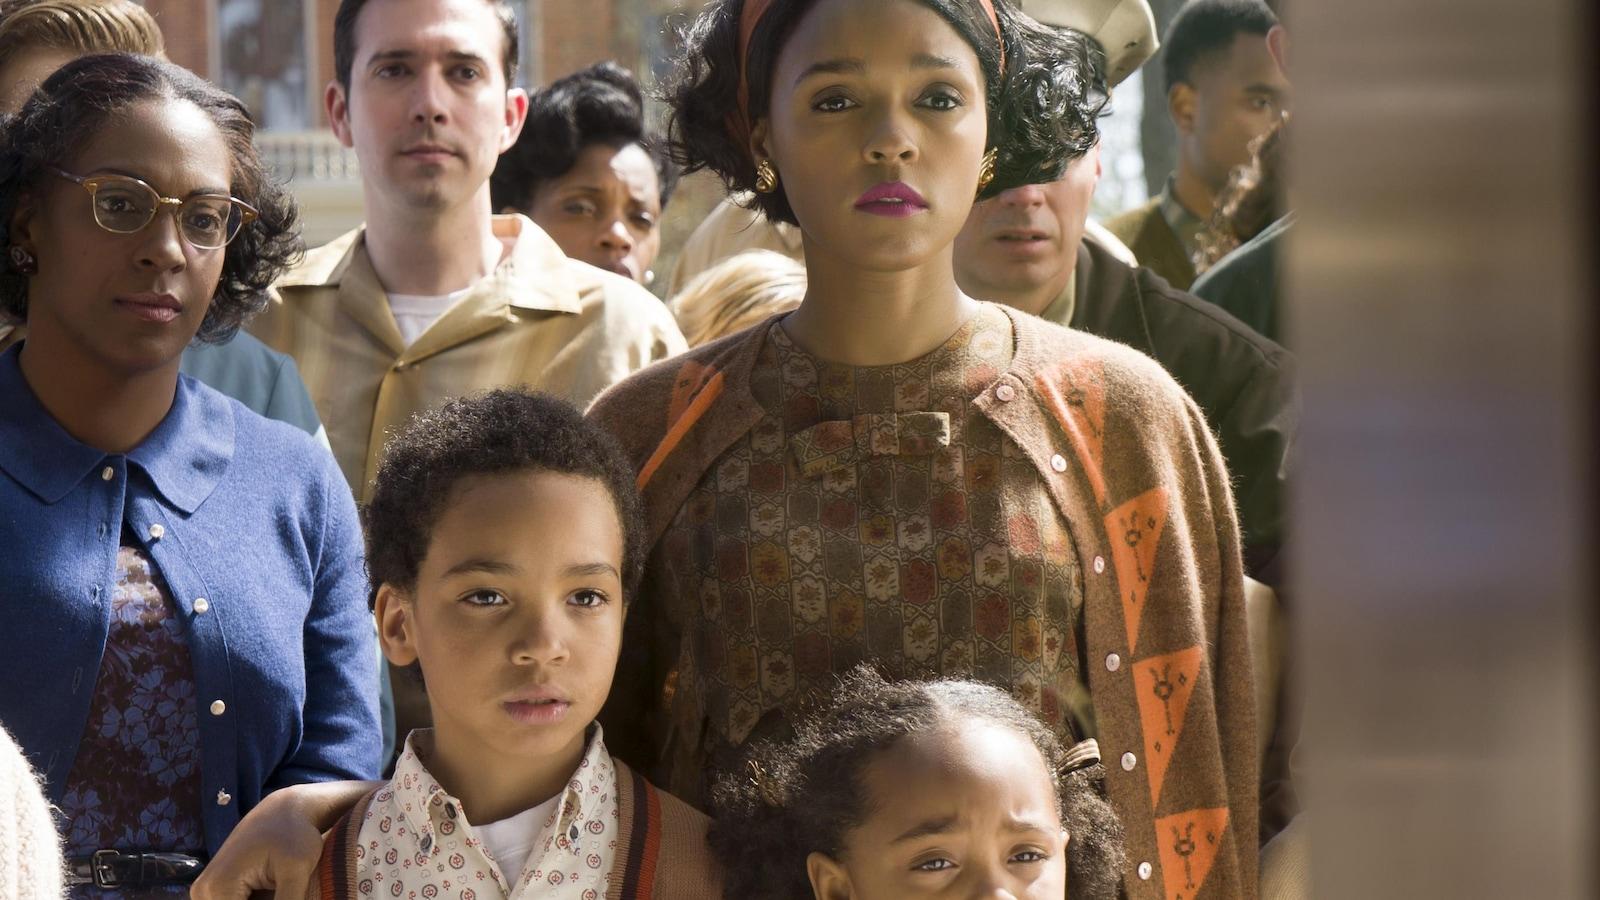 Une femme (Janelle Monáe) entourée de ses enfants et d'une foule.